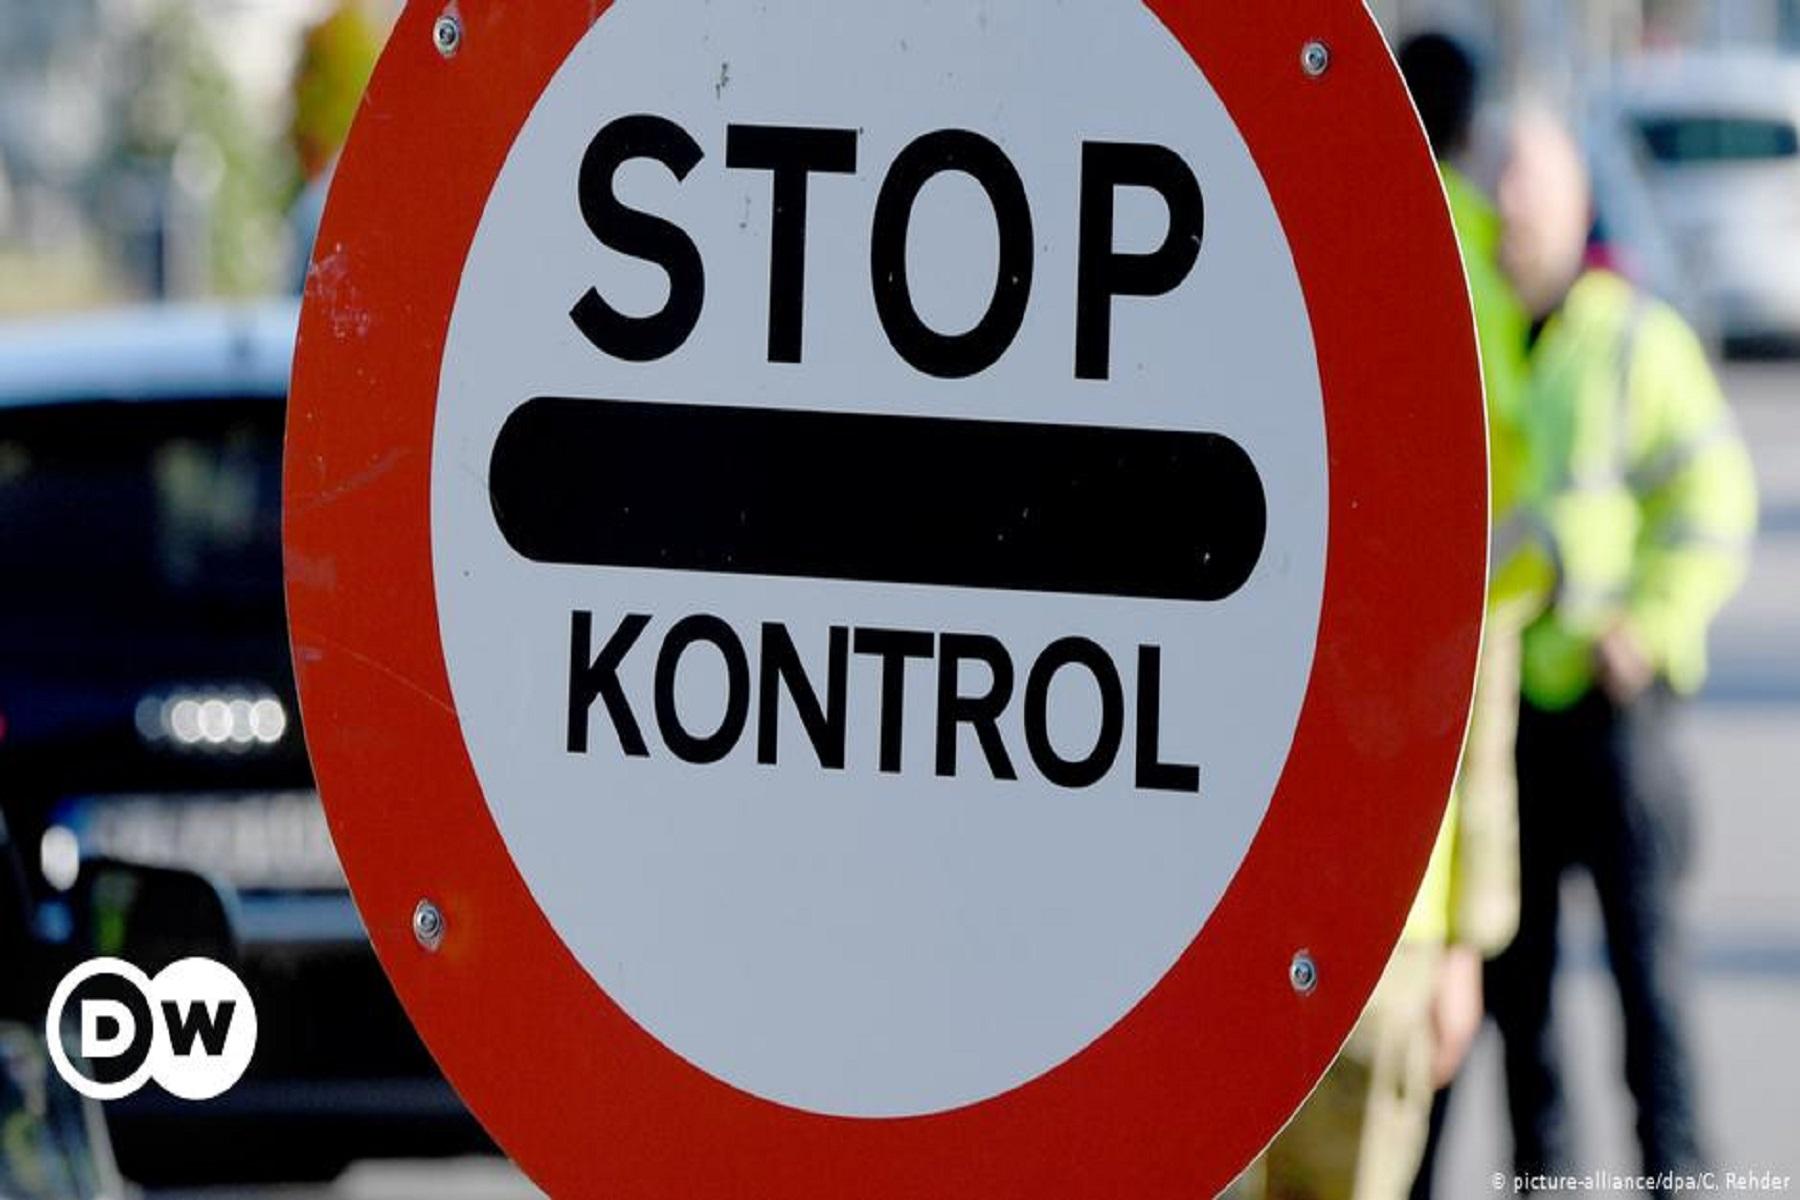 Μπάιντεν ΗΠΑ: Δεν θα ενταχθούν στην ΕΕ για το άνοιγμα των συνόρων παρά την ύφεση των κρουσμάτων